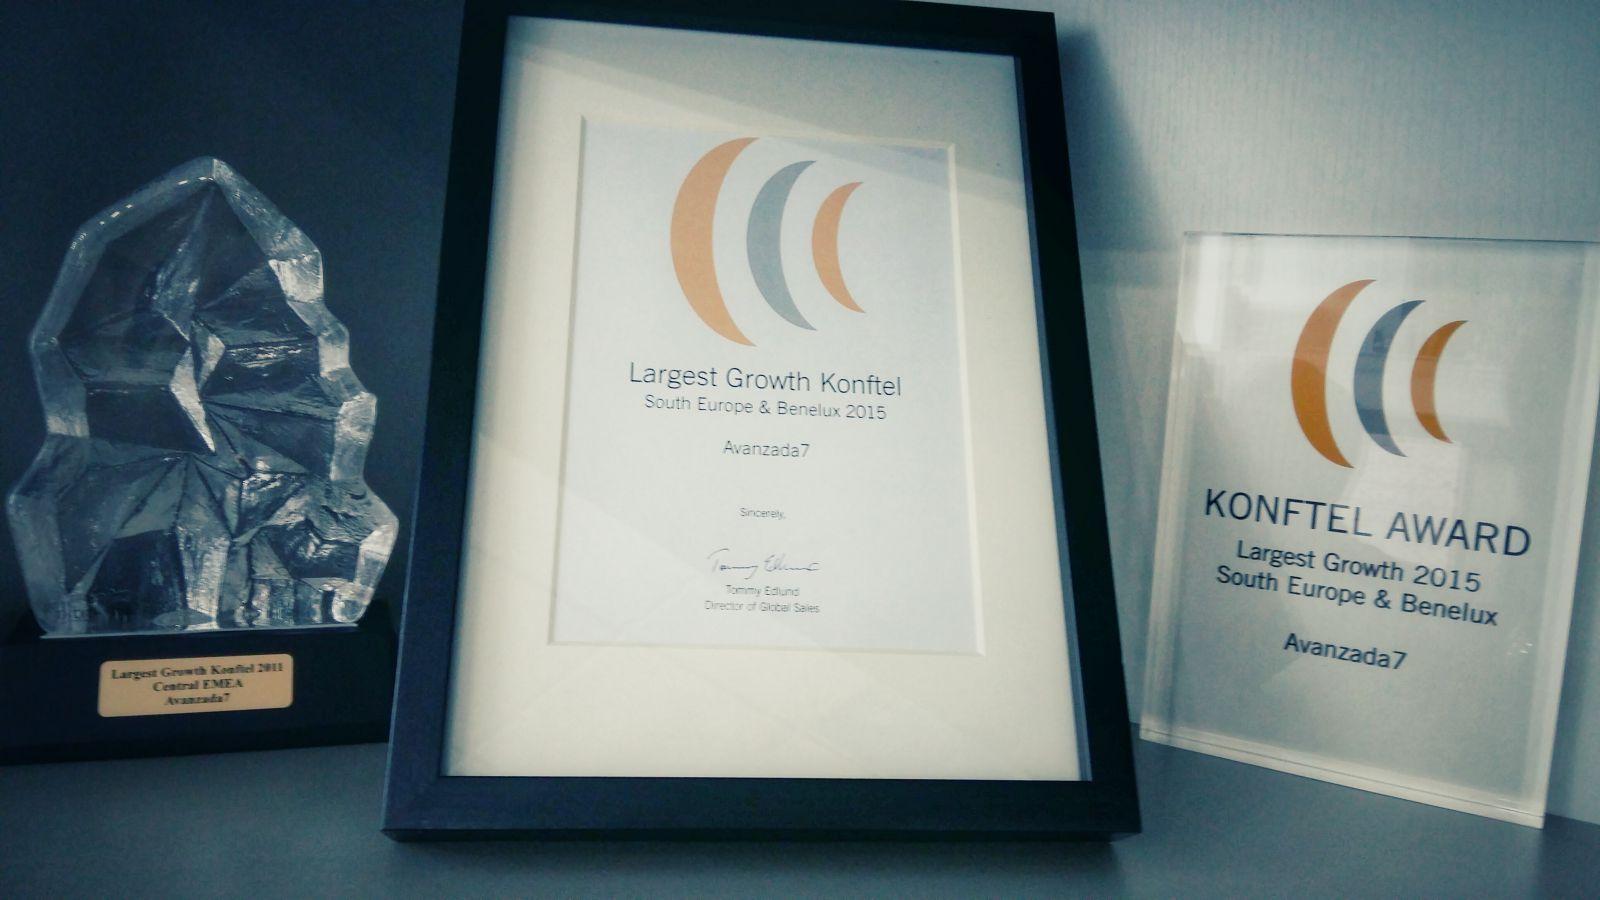 Premio Largest Growth Konftel - Avanzada 7